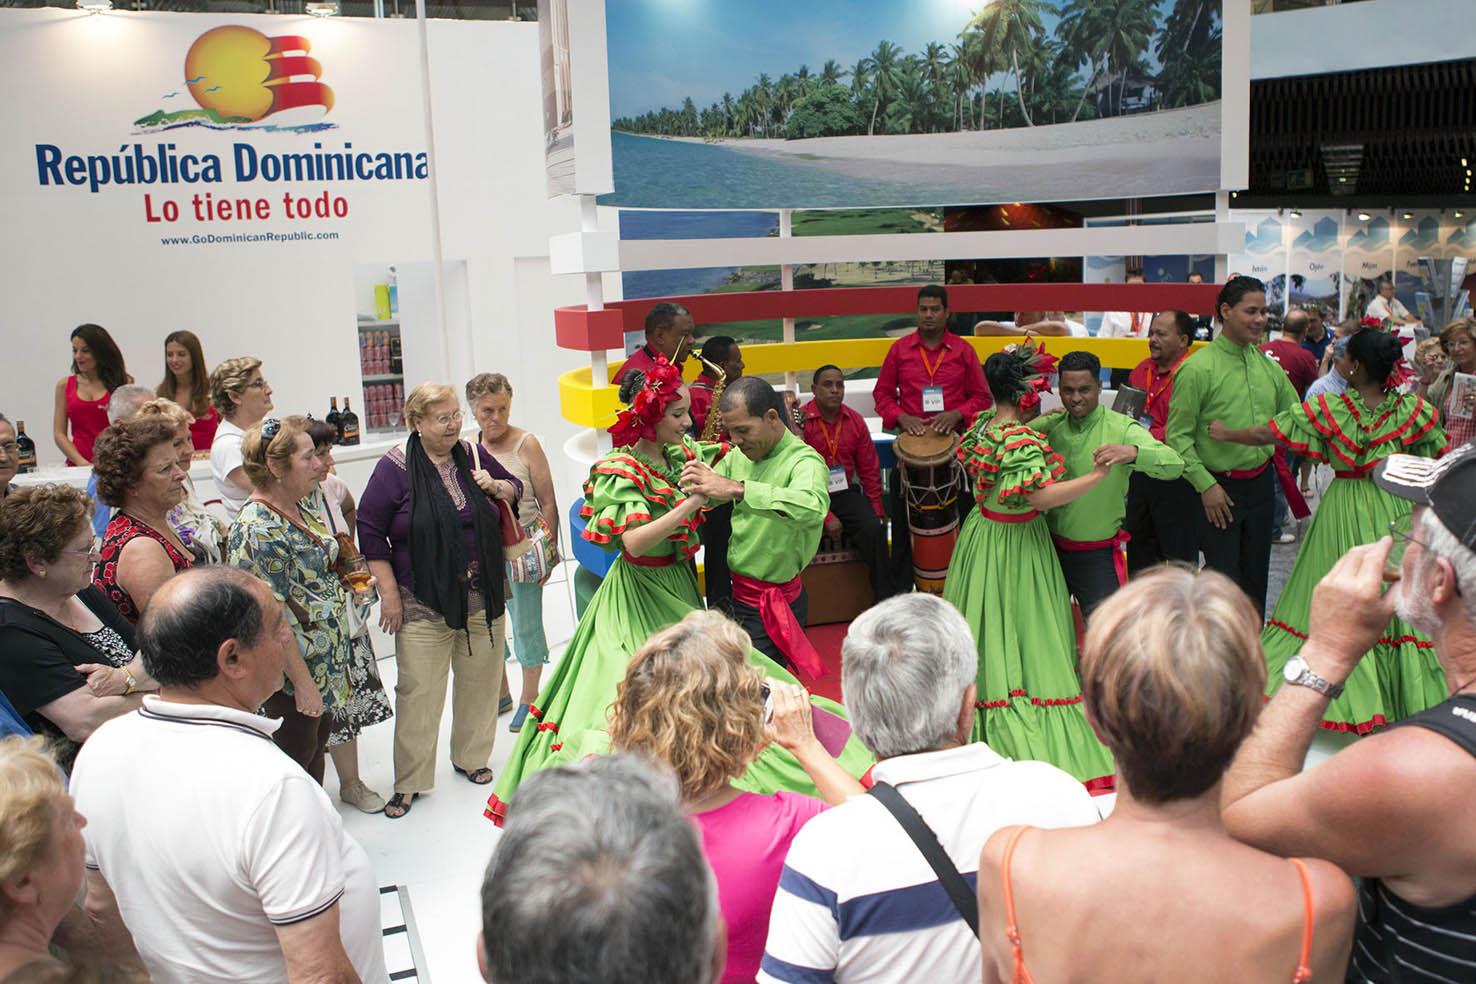 El turismo es el principal generador de divisas de la República Dominicana, por lo que la promoción del país en el exterior es constante.